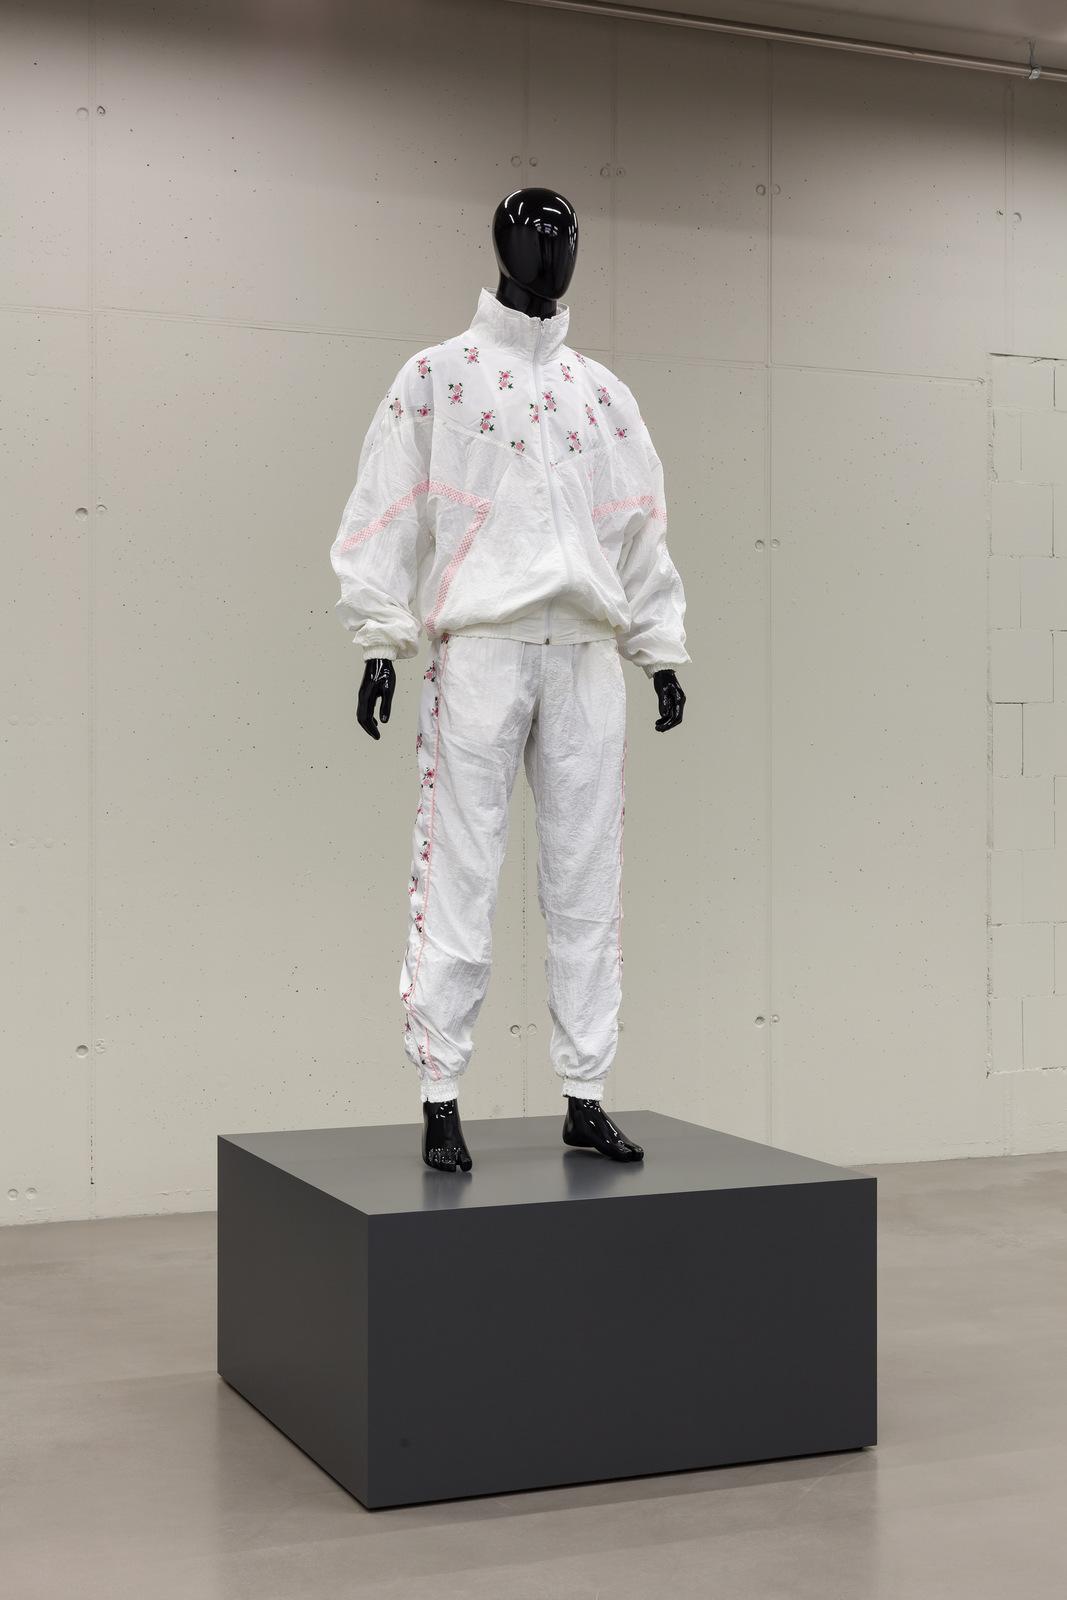 Willem_de_Rooij_Fong_Leng_Sportswear_1985_1995-6